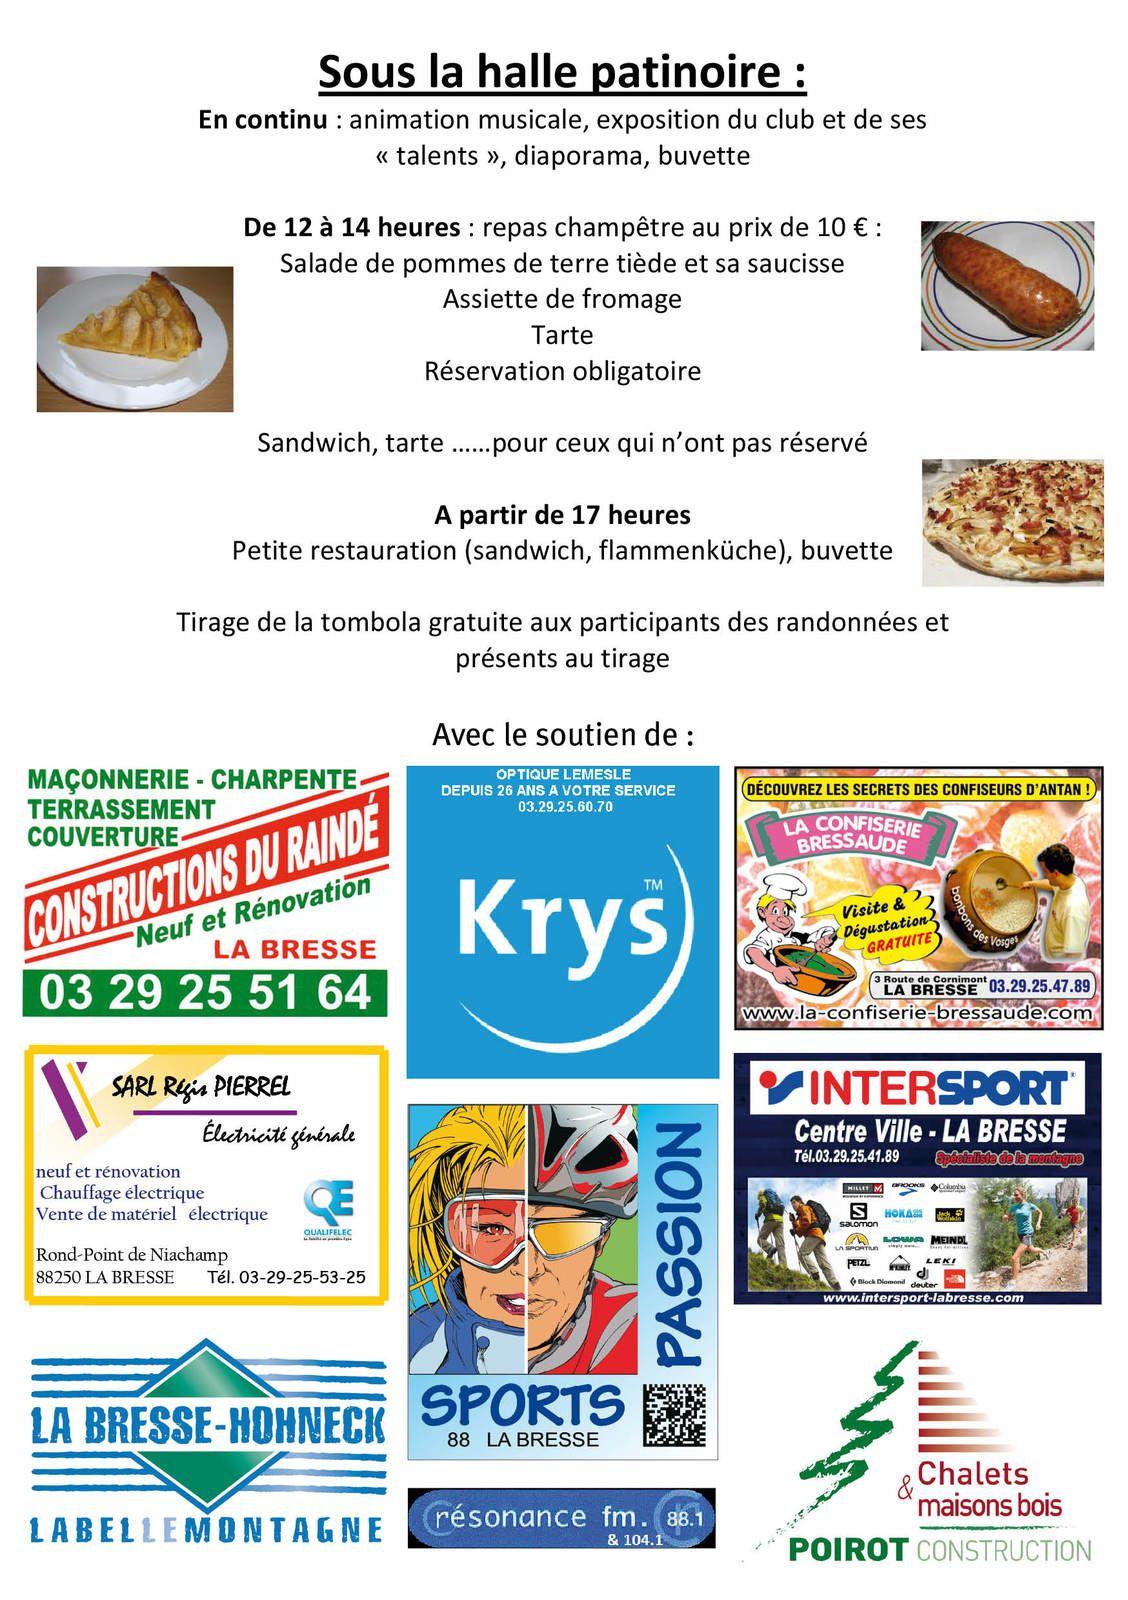 Dimanche 6 juillet - La Bresse, toute la ville marche !